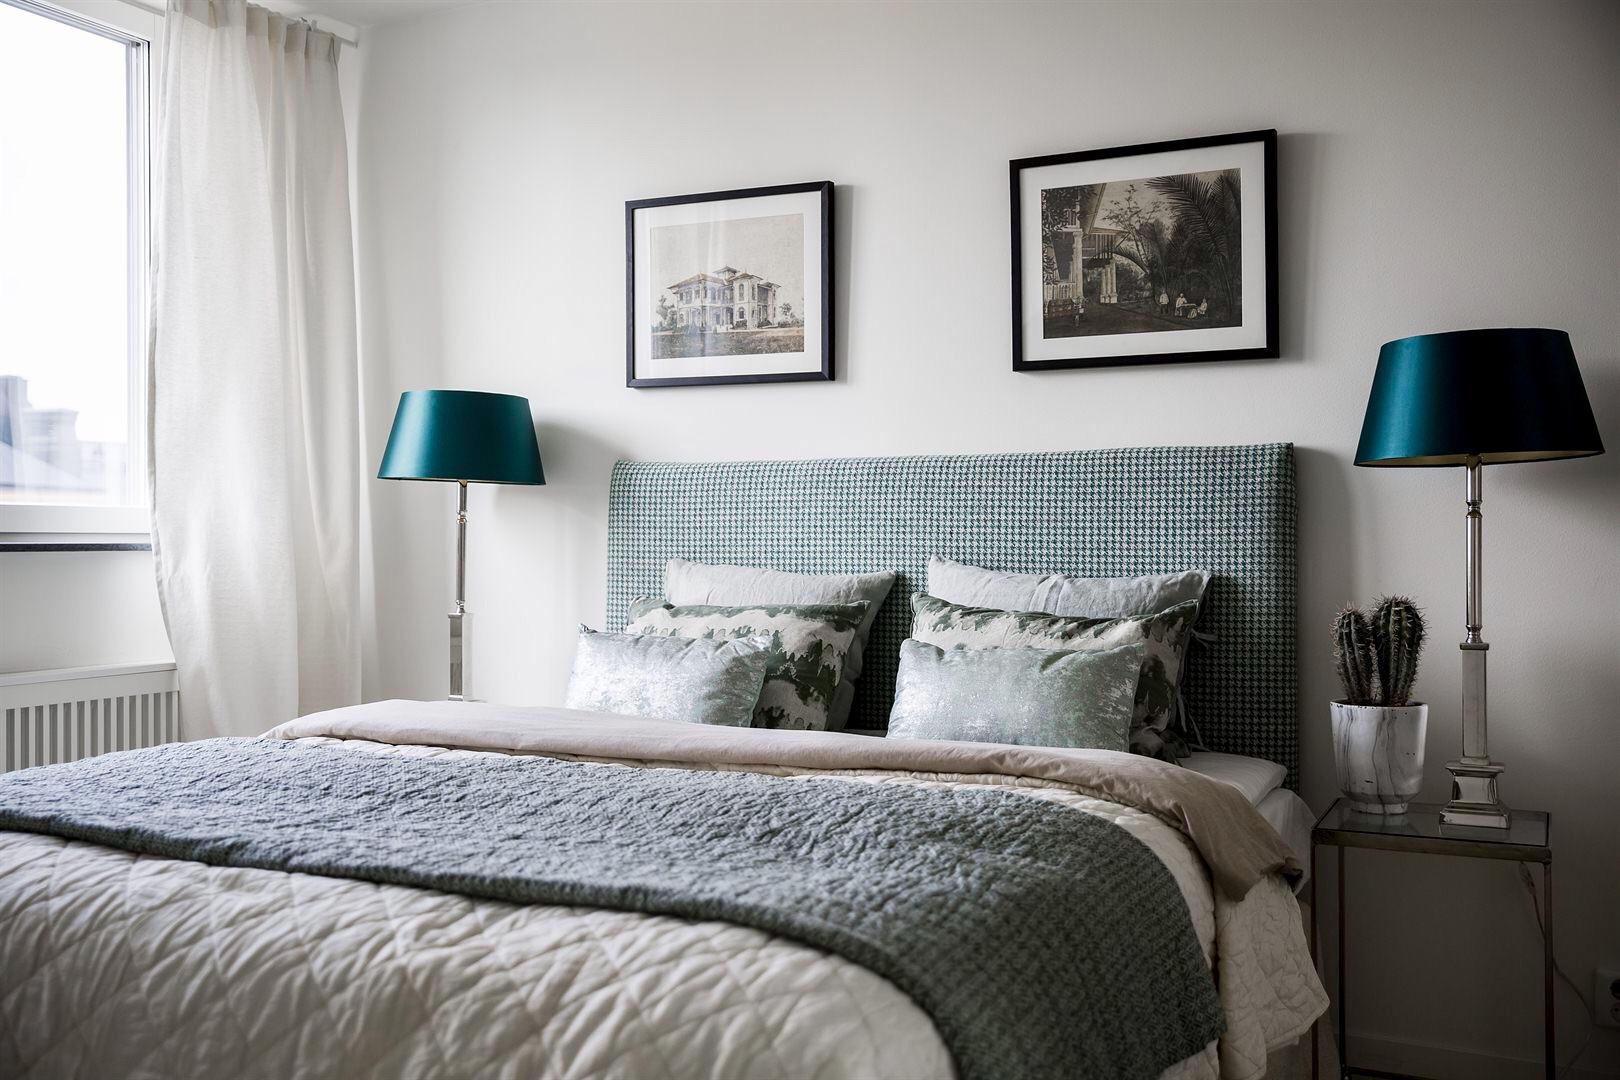 спальня кровать изголовье текстиль подушки прикроватные столики лампы